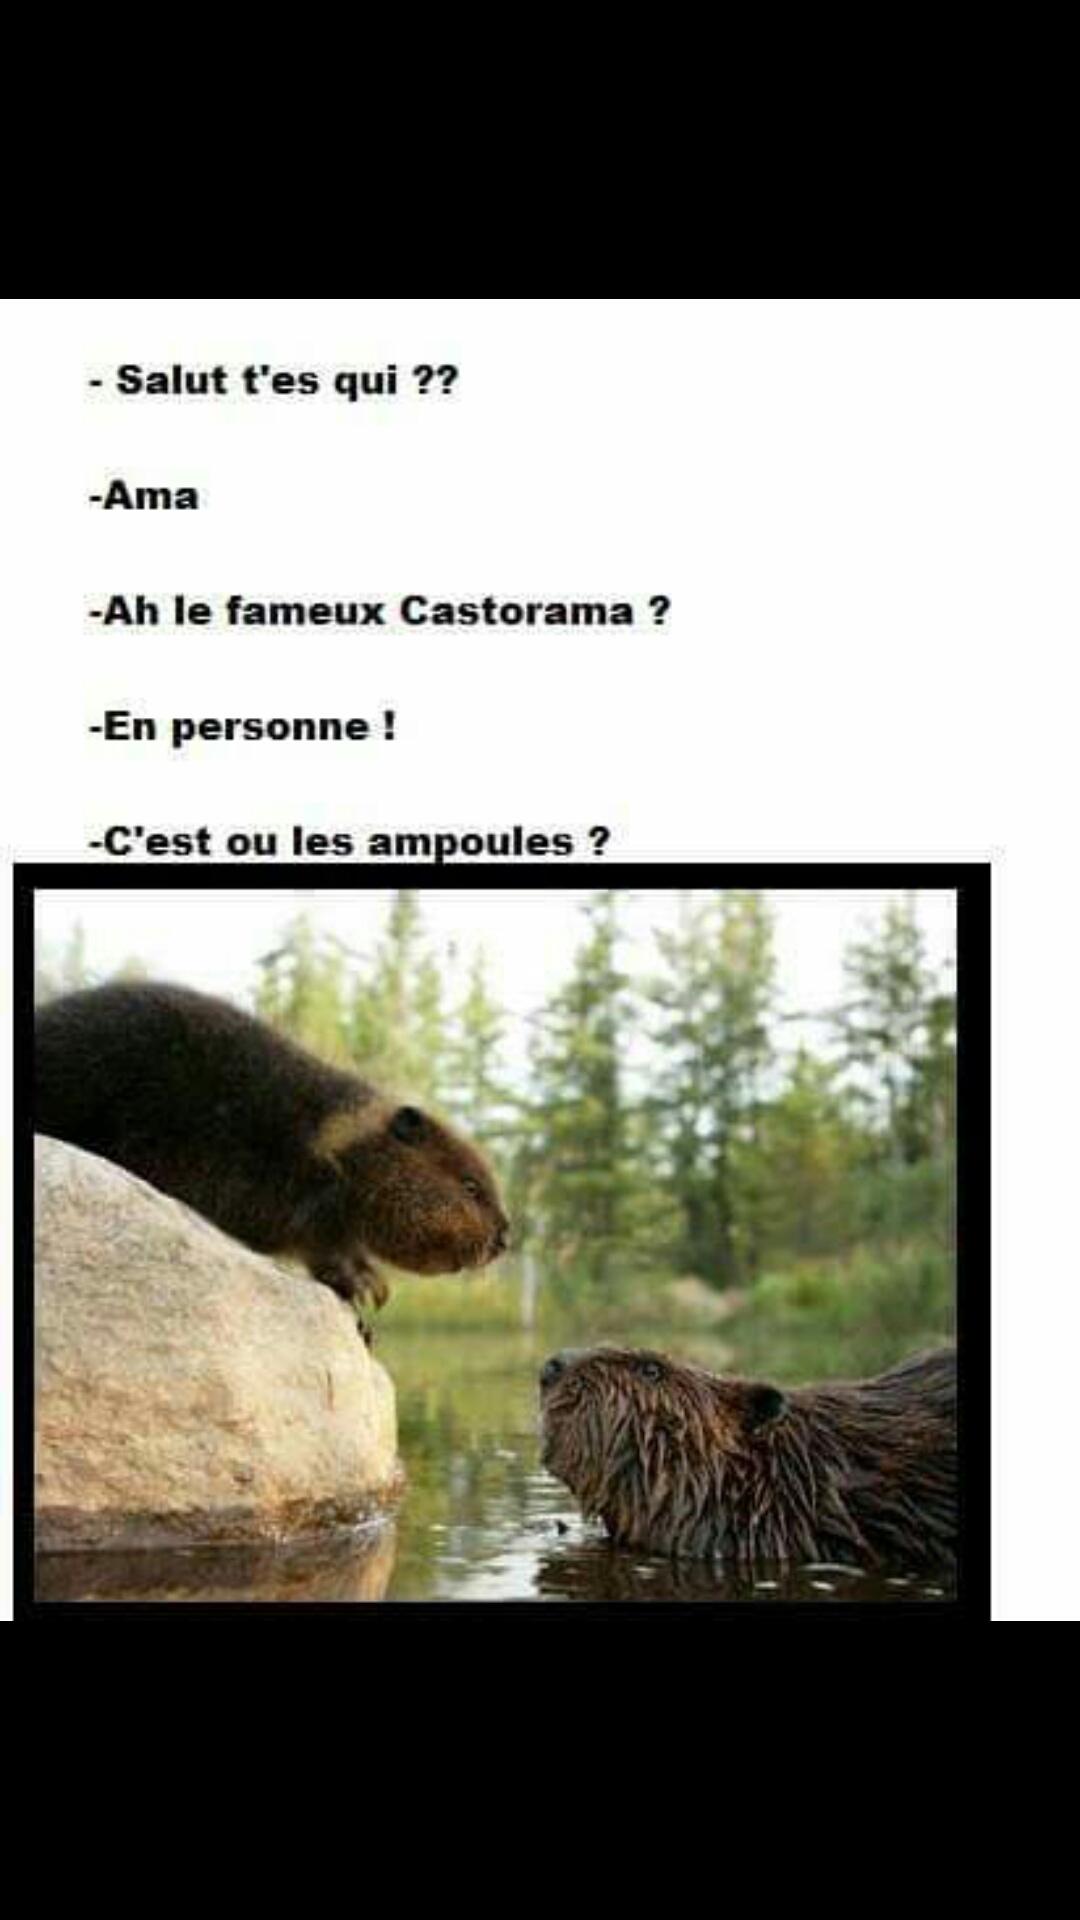 Castorama - meme